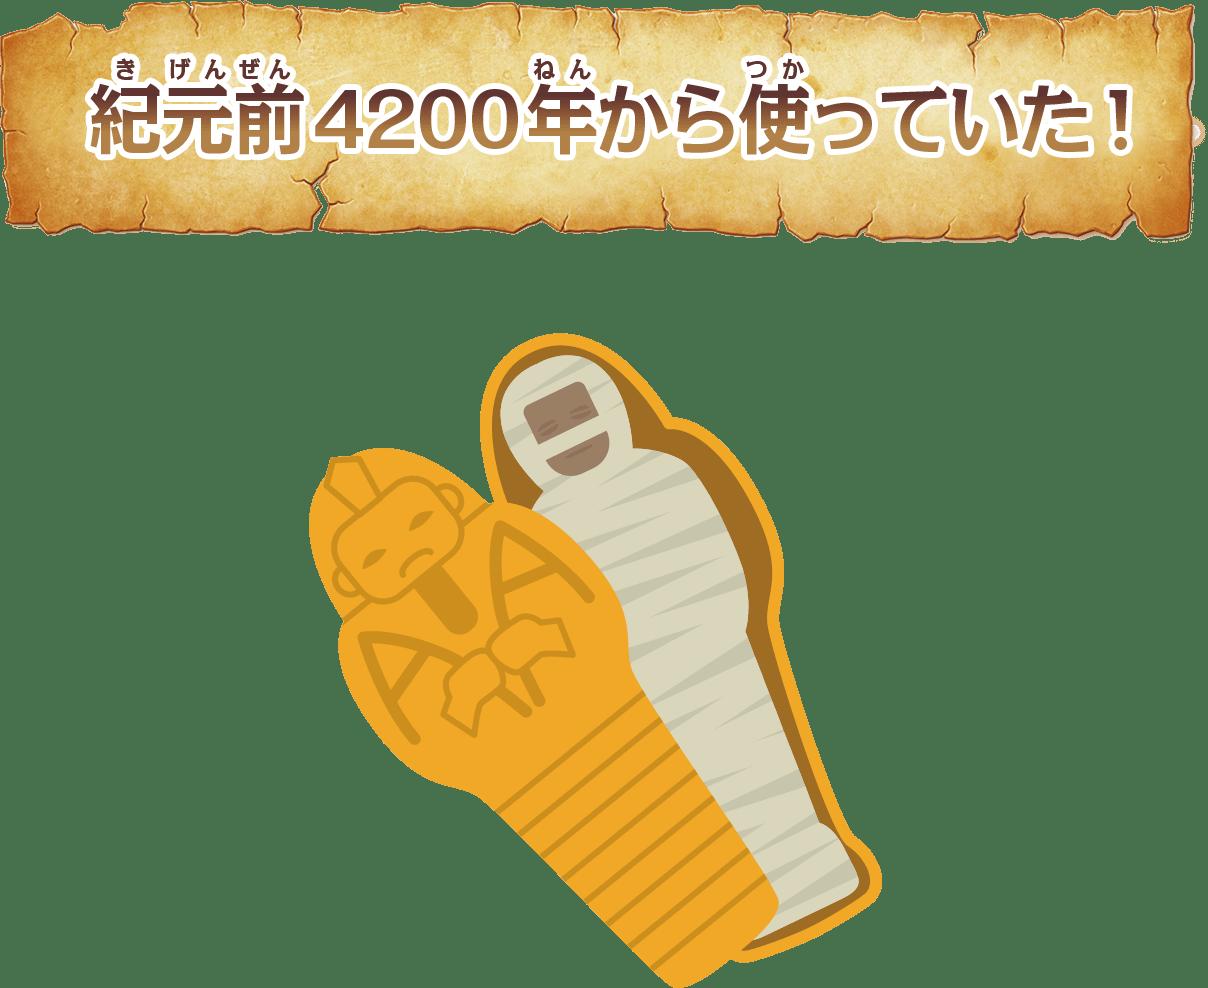 紀元前4200年から使っていた!